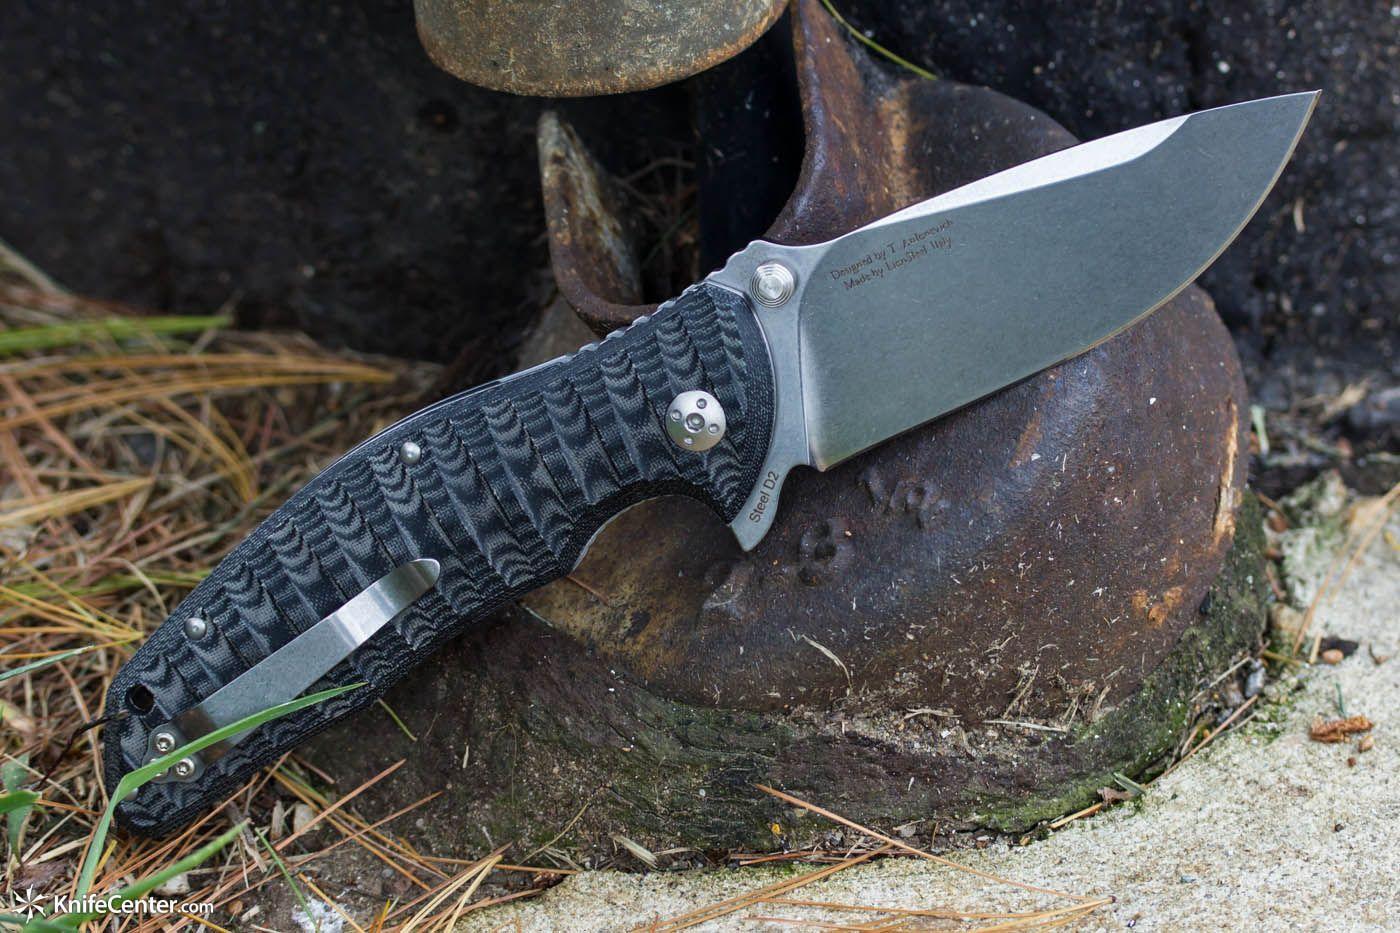 Самые опасные ножи мира, Самые необычные ножи в мире! (12 фото 1 видео) 12 фотография